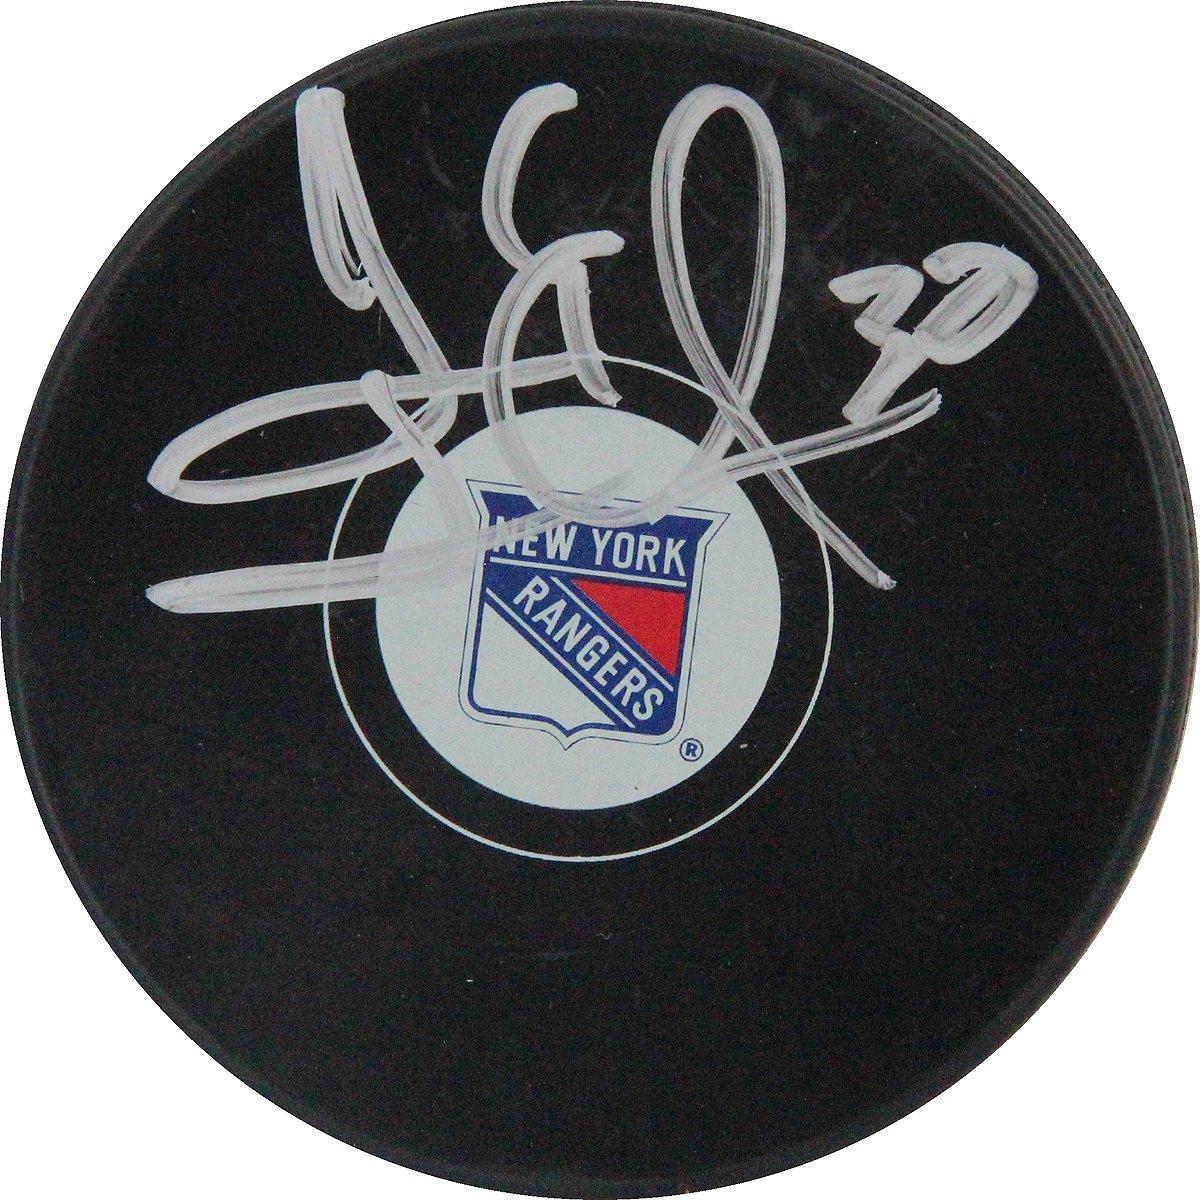 NHL New York Rangers Henrik Lundqvist Signed Hockey Puck Steiner Sports LUNDPUS000026